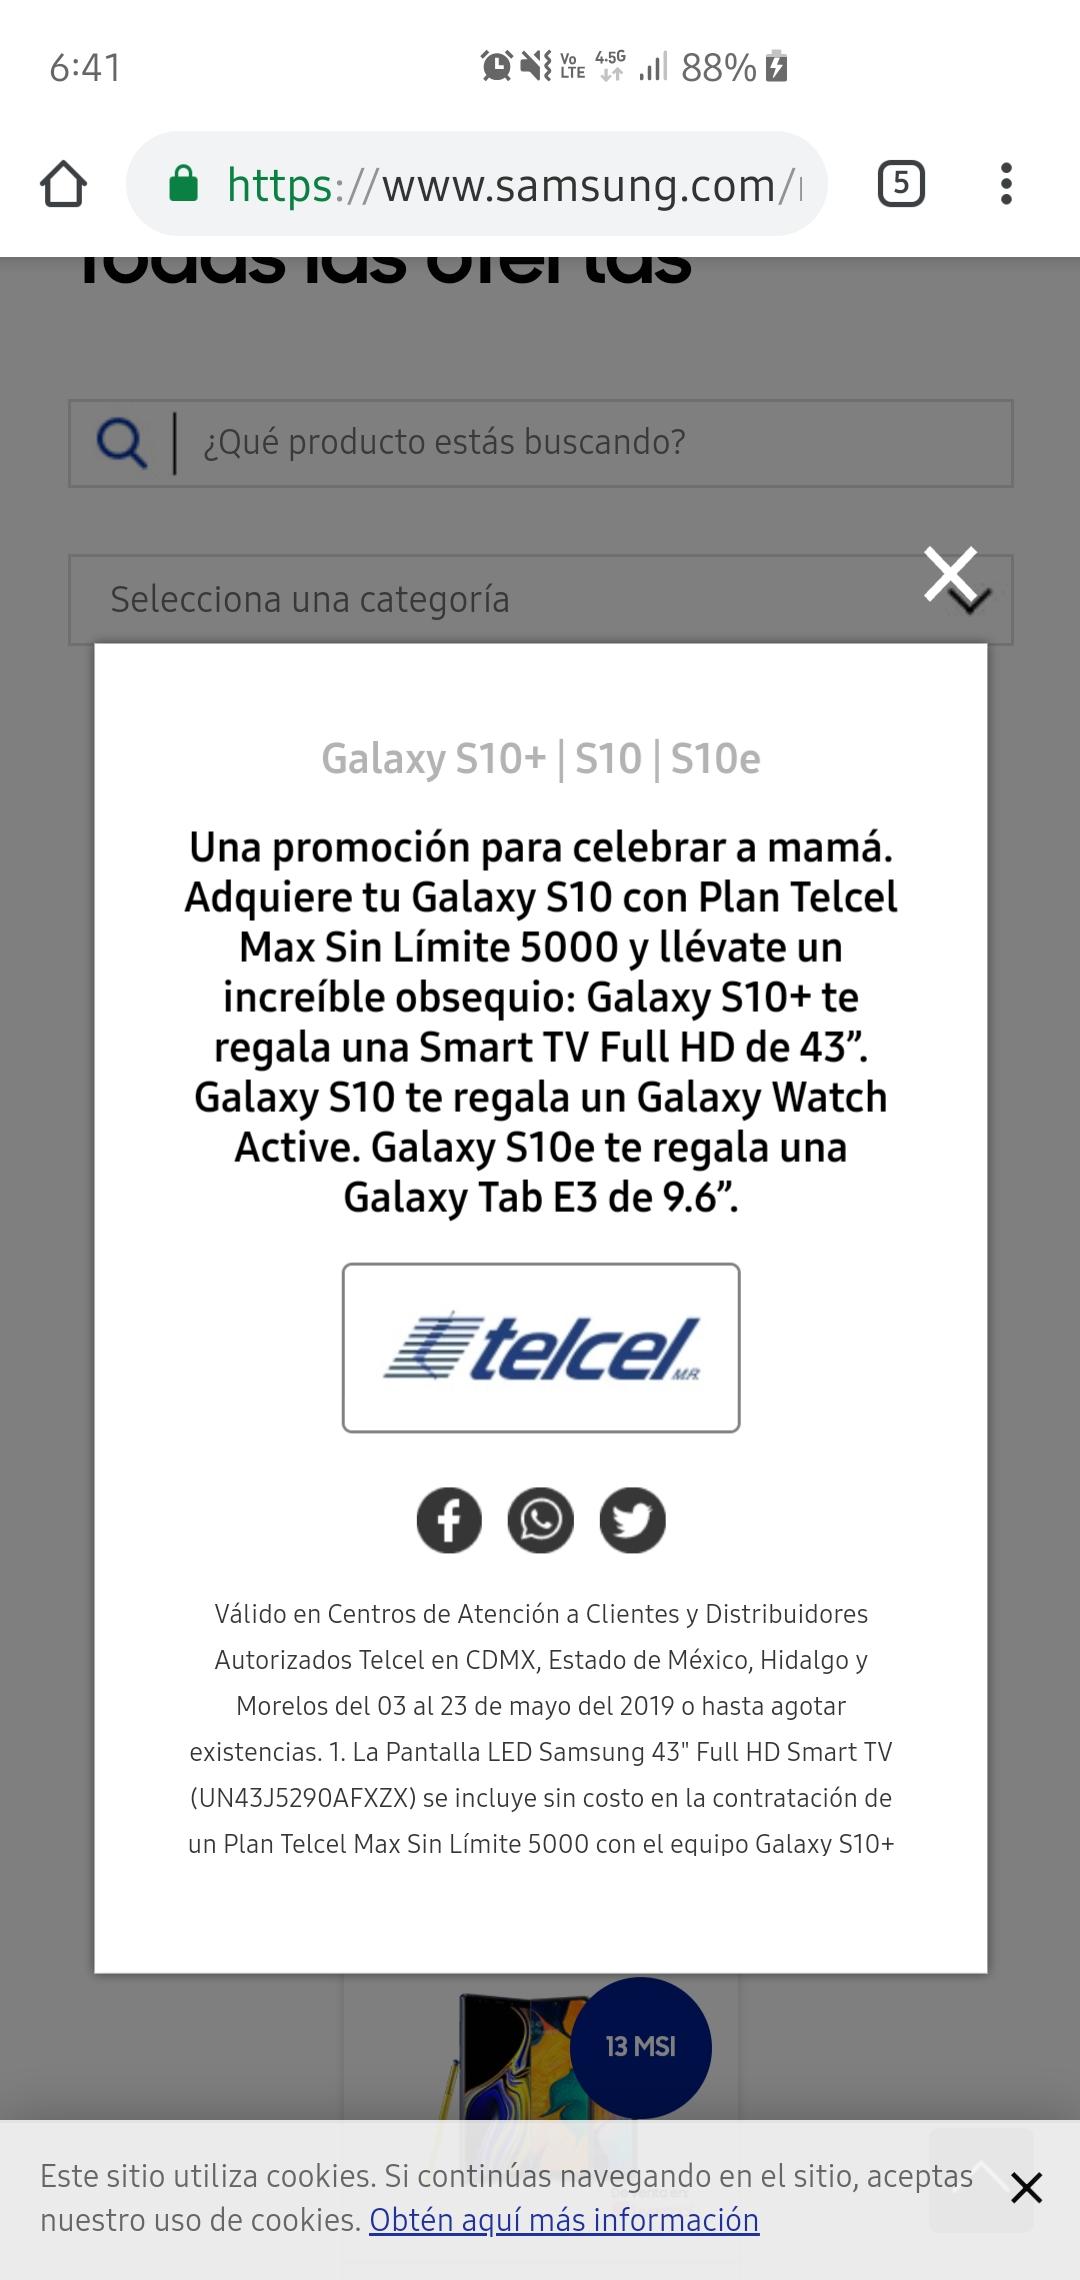 Telcel: Obtén un regalo en la compra de Samsung Galaxy S10+/S10/S10e en plan